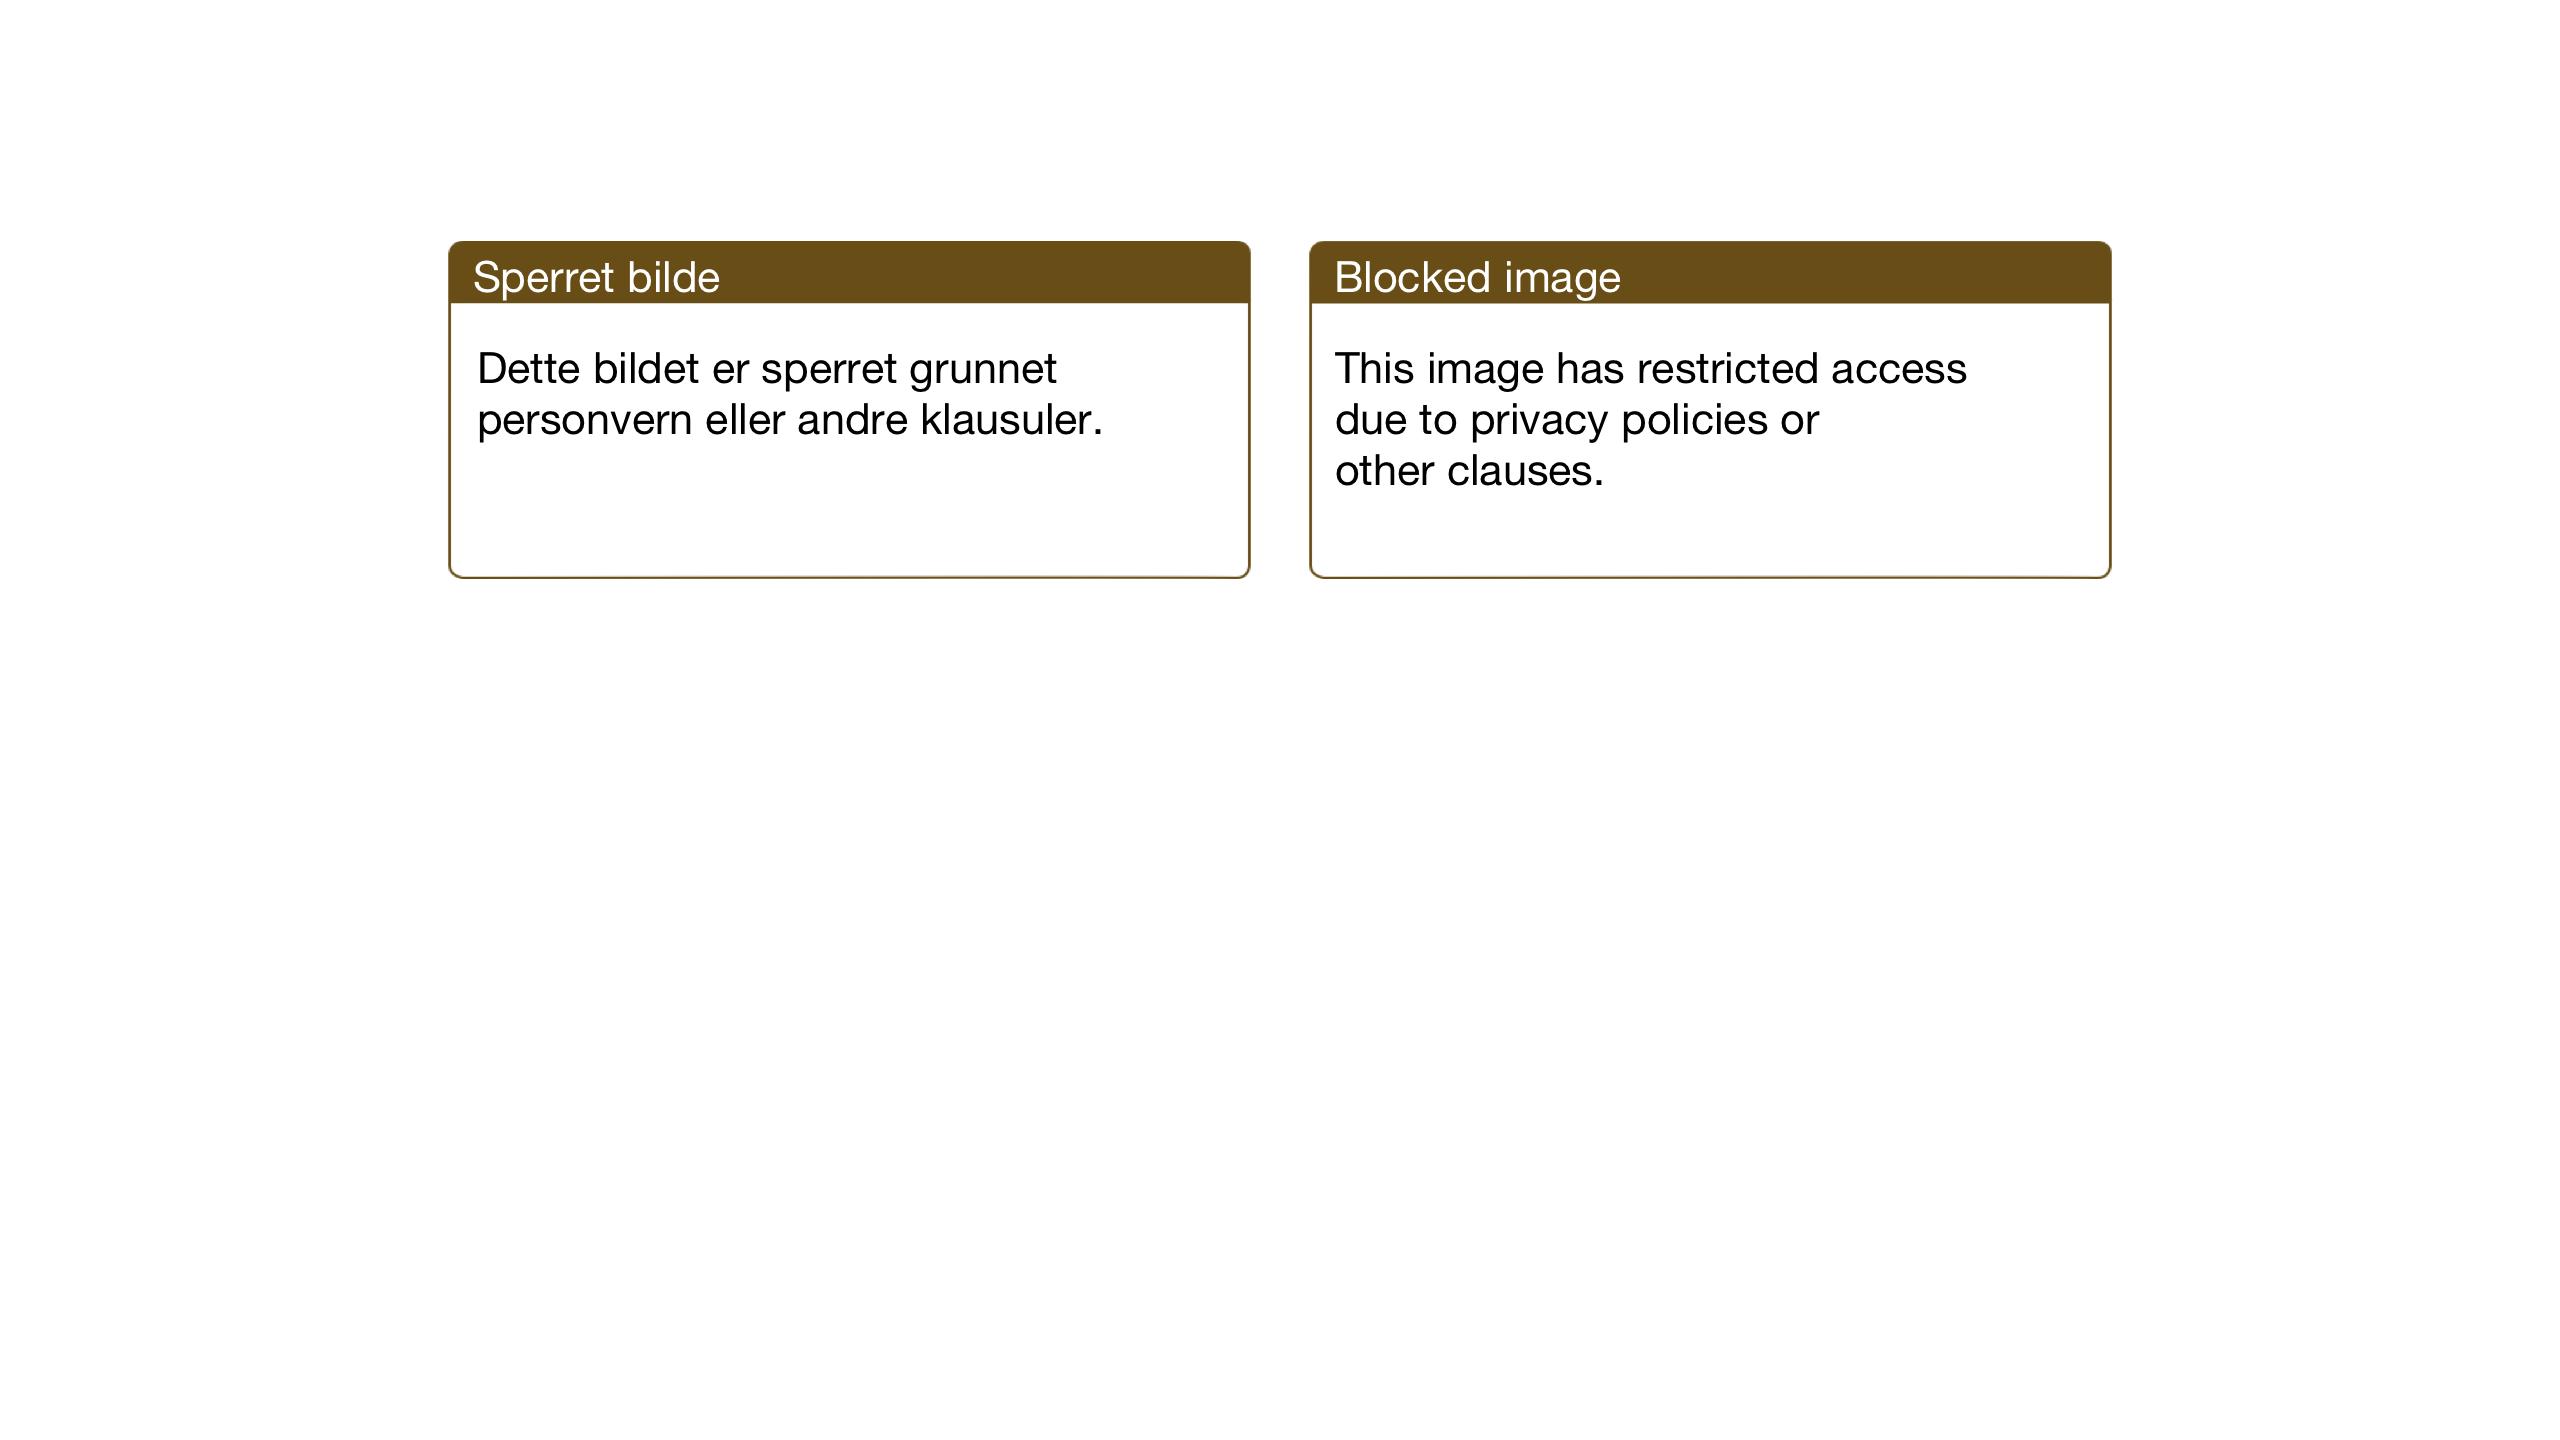 SAT, Ministerialprotokoller, klokkerbøker og fødselsregistre - Sør-Trøndelag, 690/L1053: Klokkerbok nr. 690C03, 1930-1947, s. 24